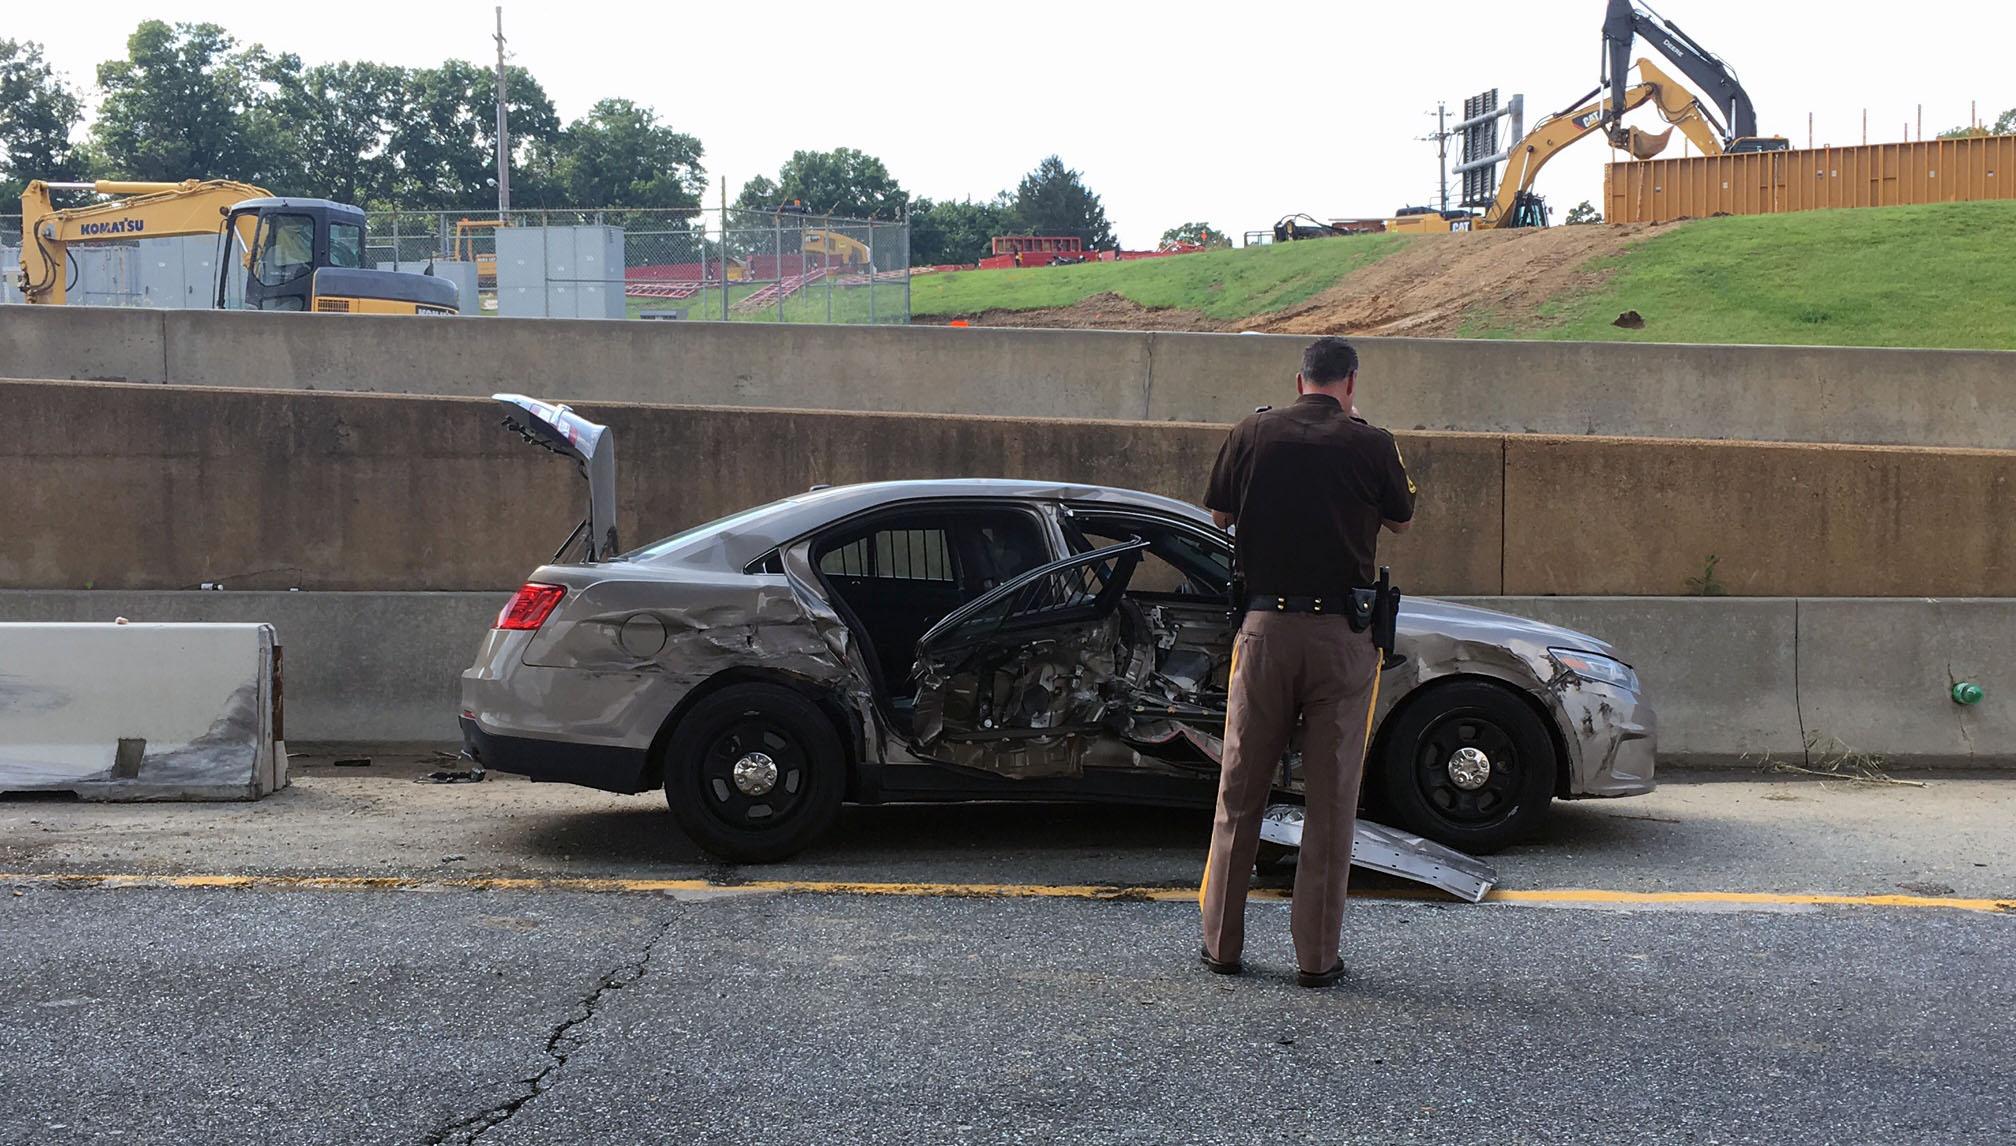 Officer, prisoner injured in police car crash with dump truck ...